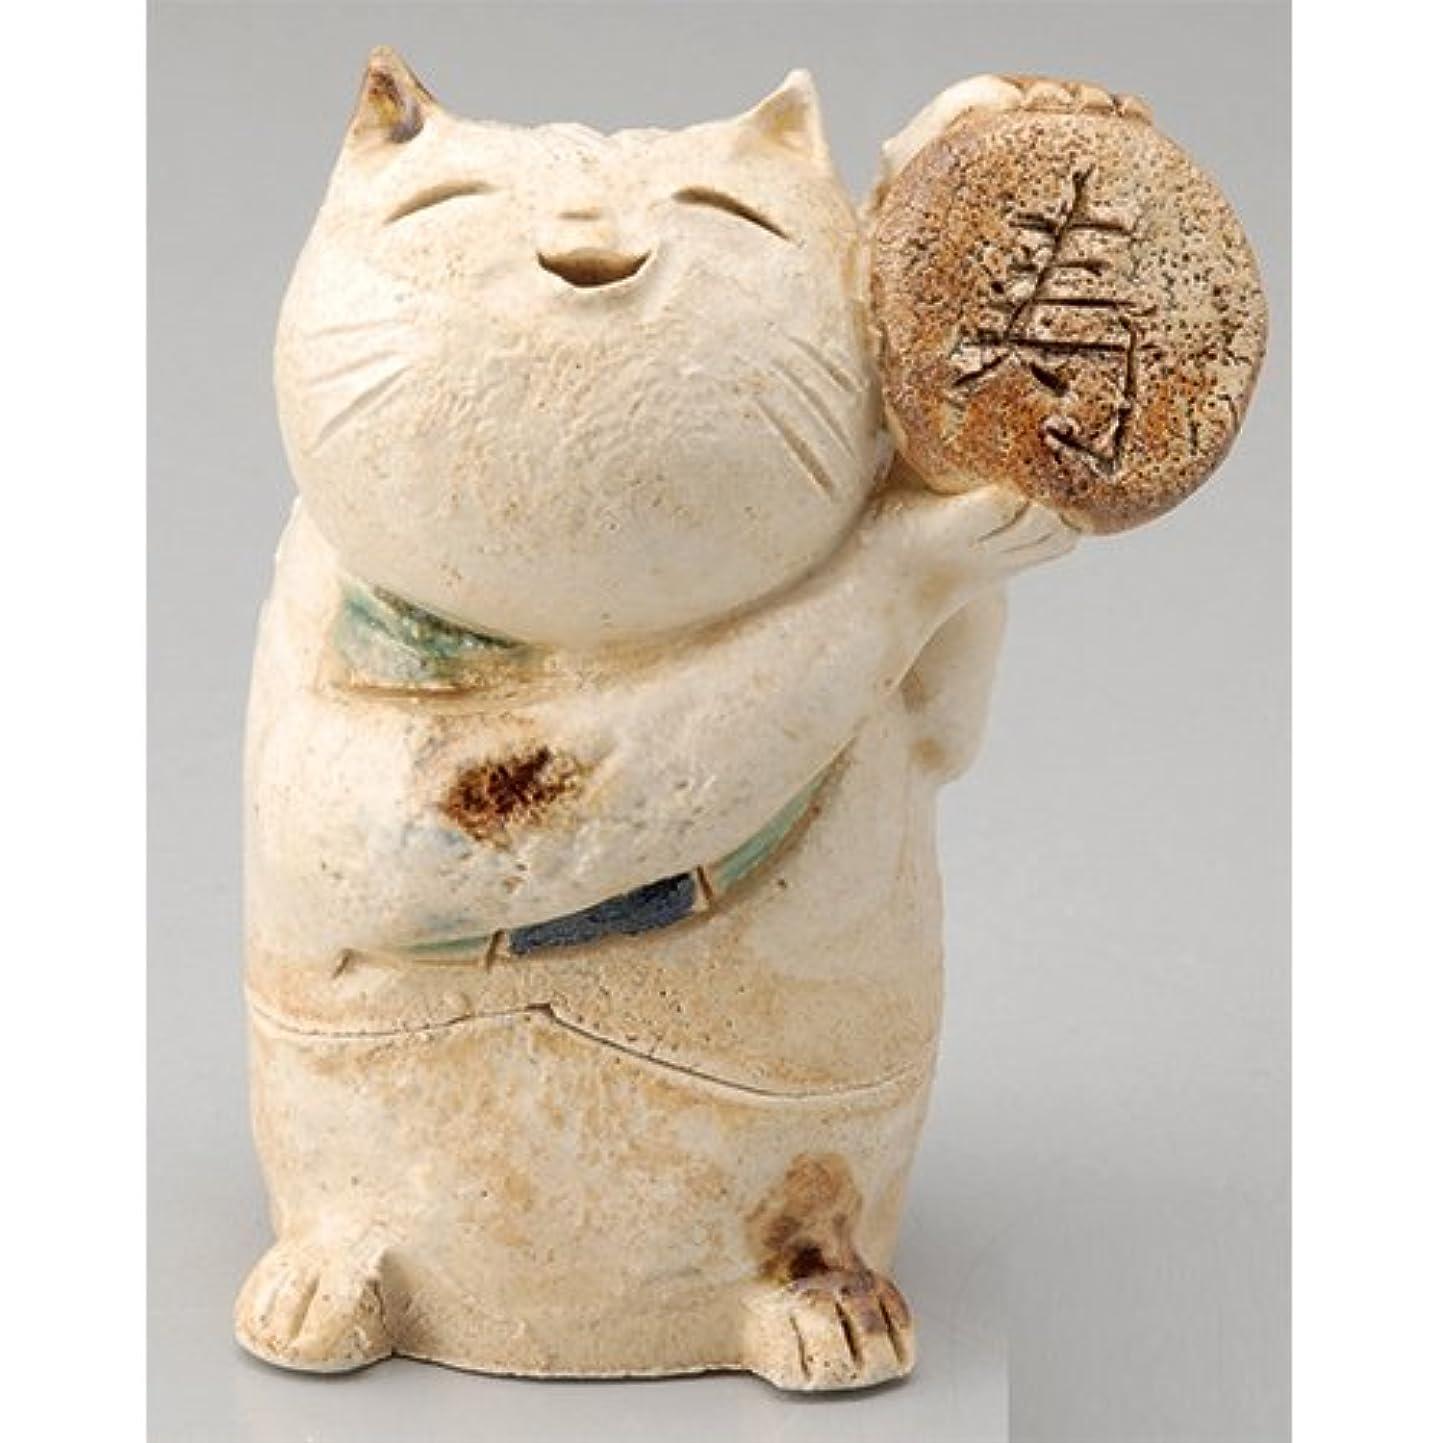 できたクリップ蝶グループ香炉 ごえん猫 香炉(寿) [H8cm] HANDMADE プレゼント ギフト 和食器 かわいい インテリア